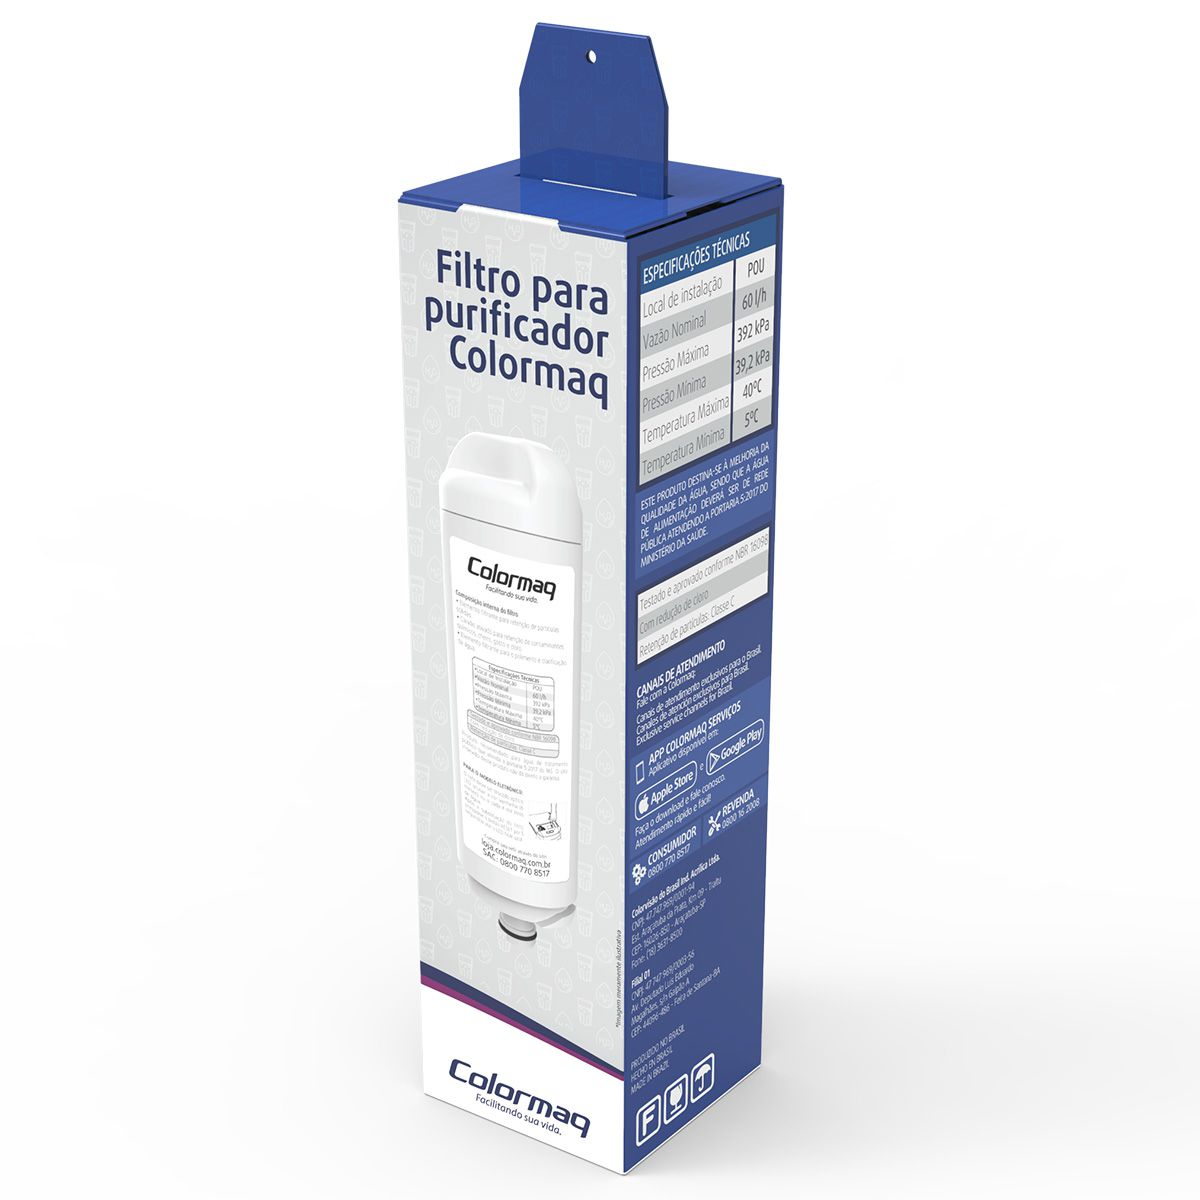 Refil Filtro Para Purificador Colormaq Acqua Eletronico e Compressor Original